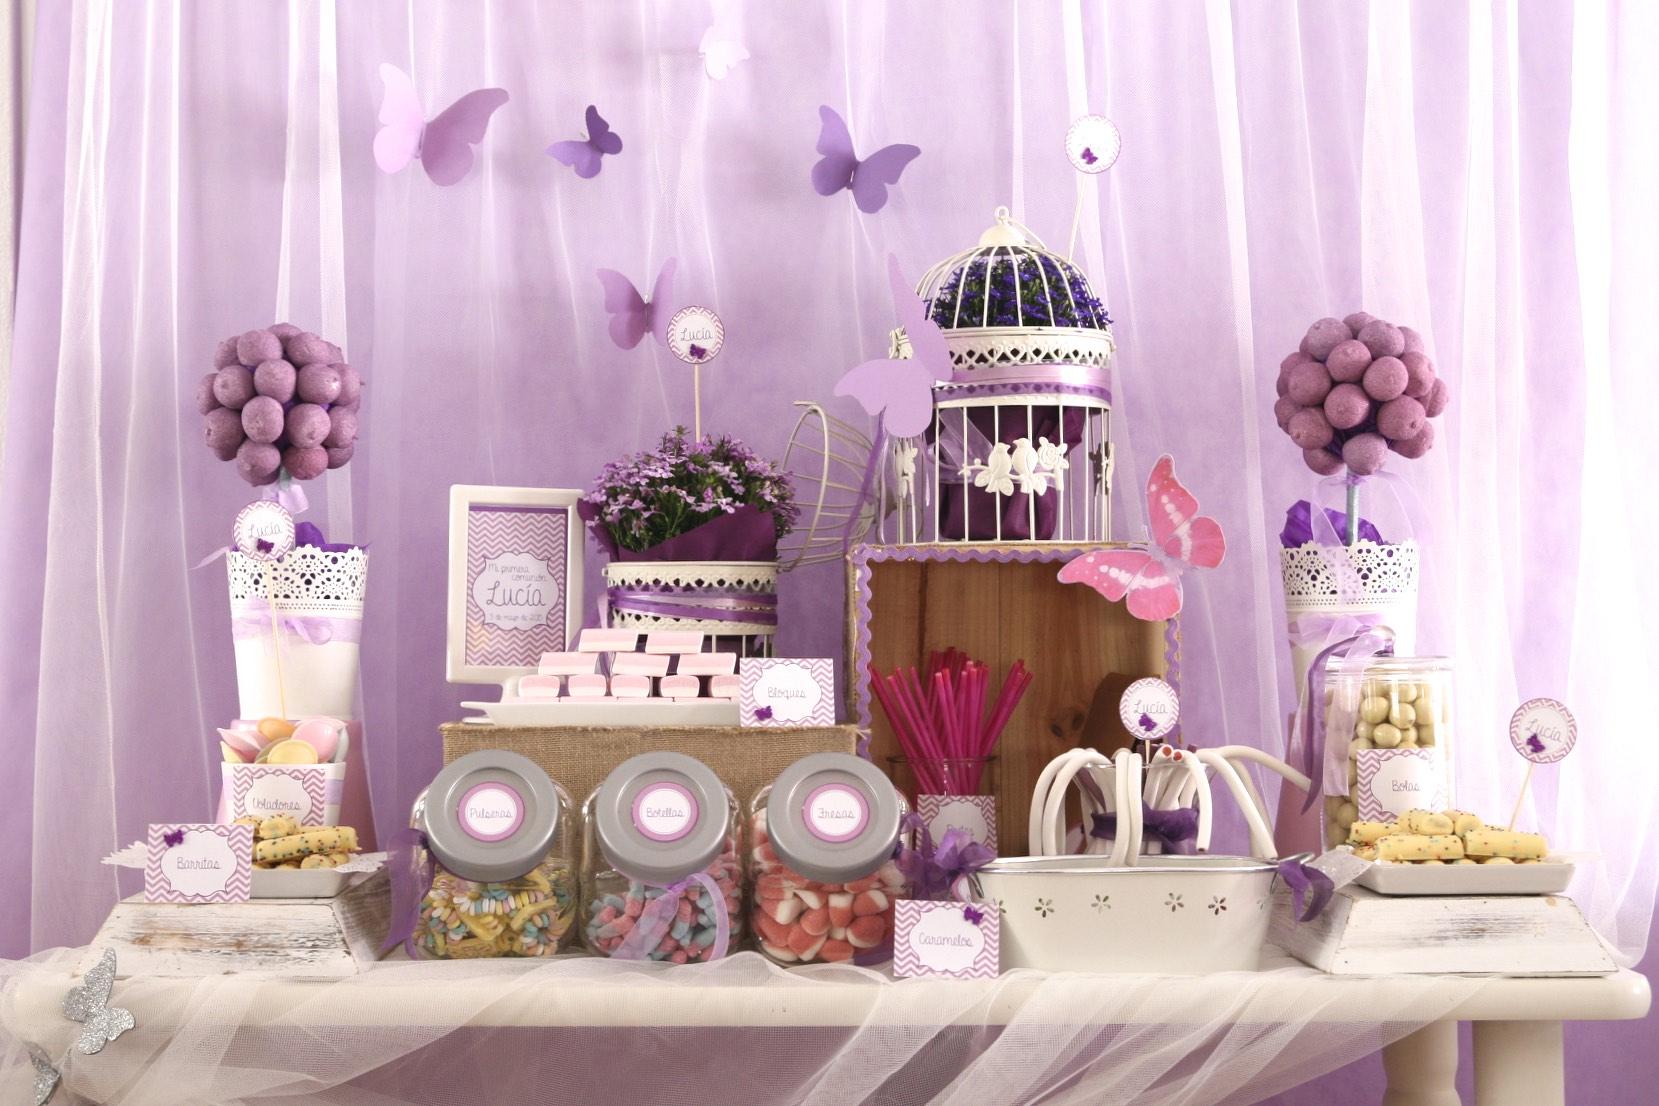 AstroGato, decoración creativa para fiestas-foto4